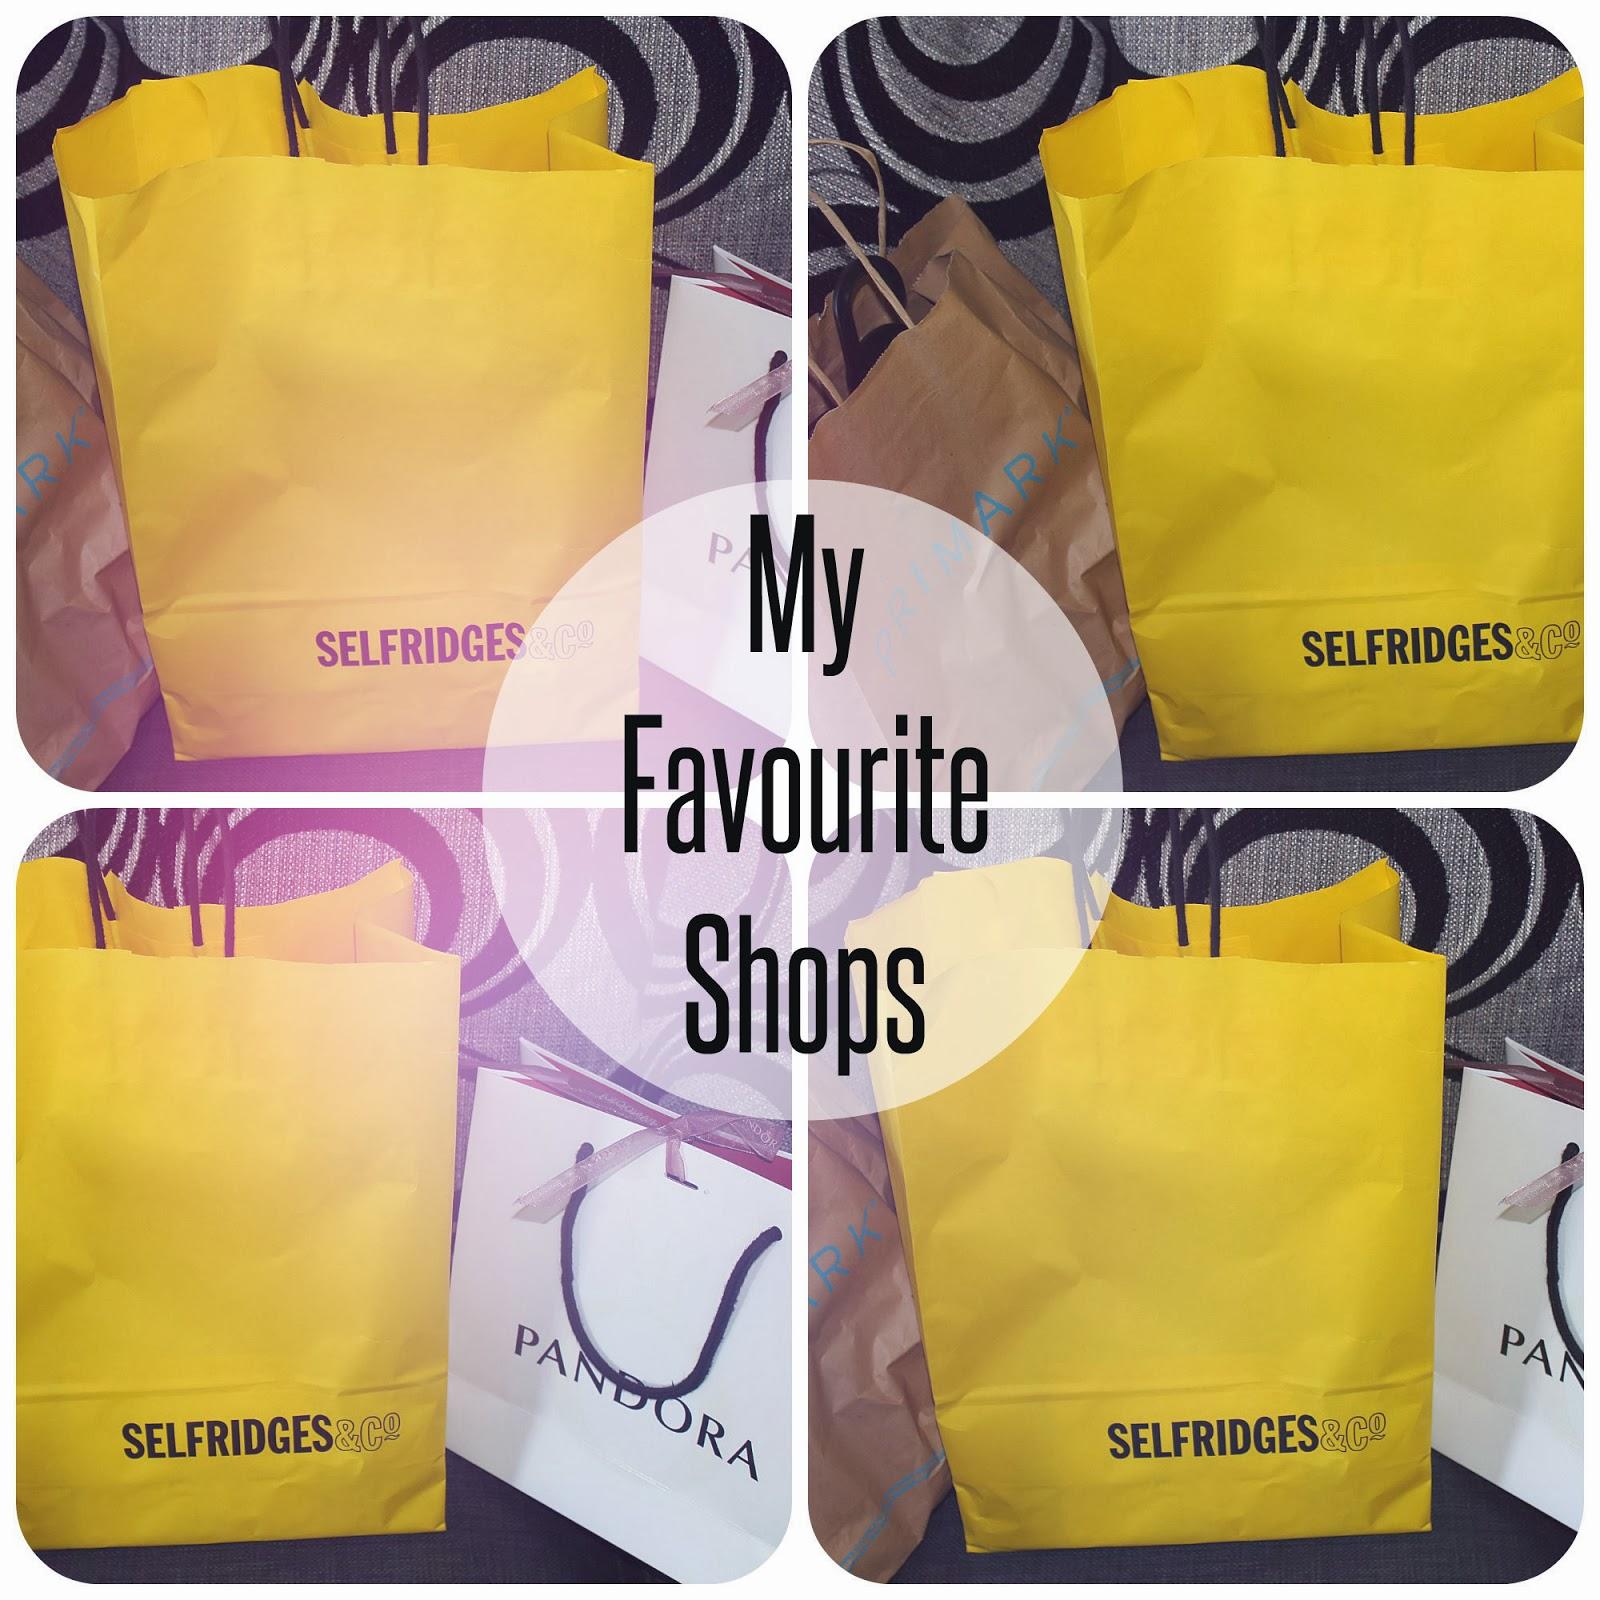 Favourite shops